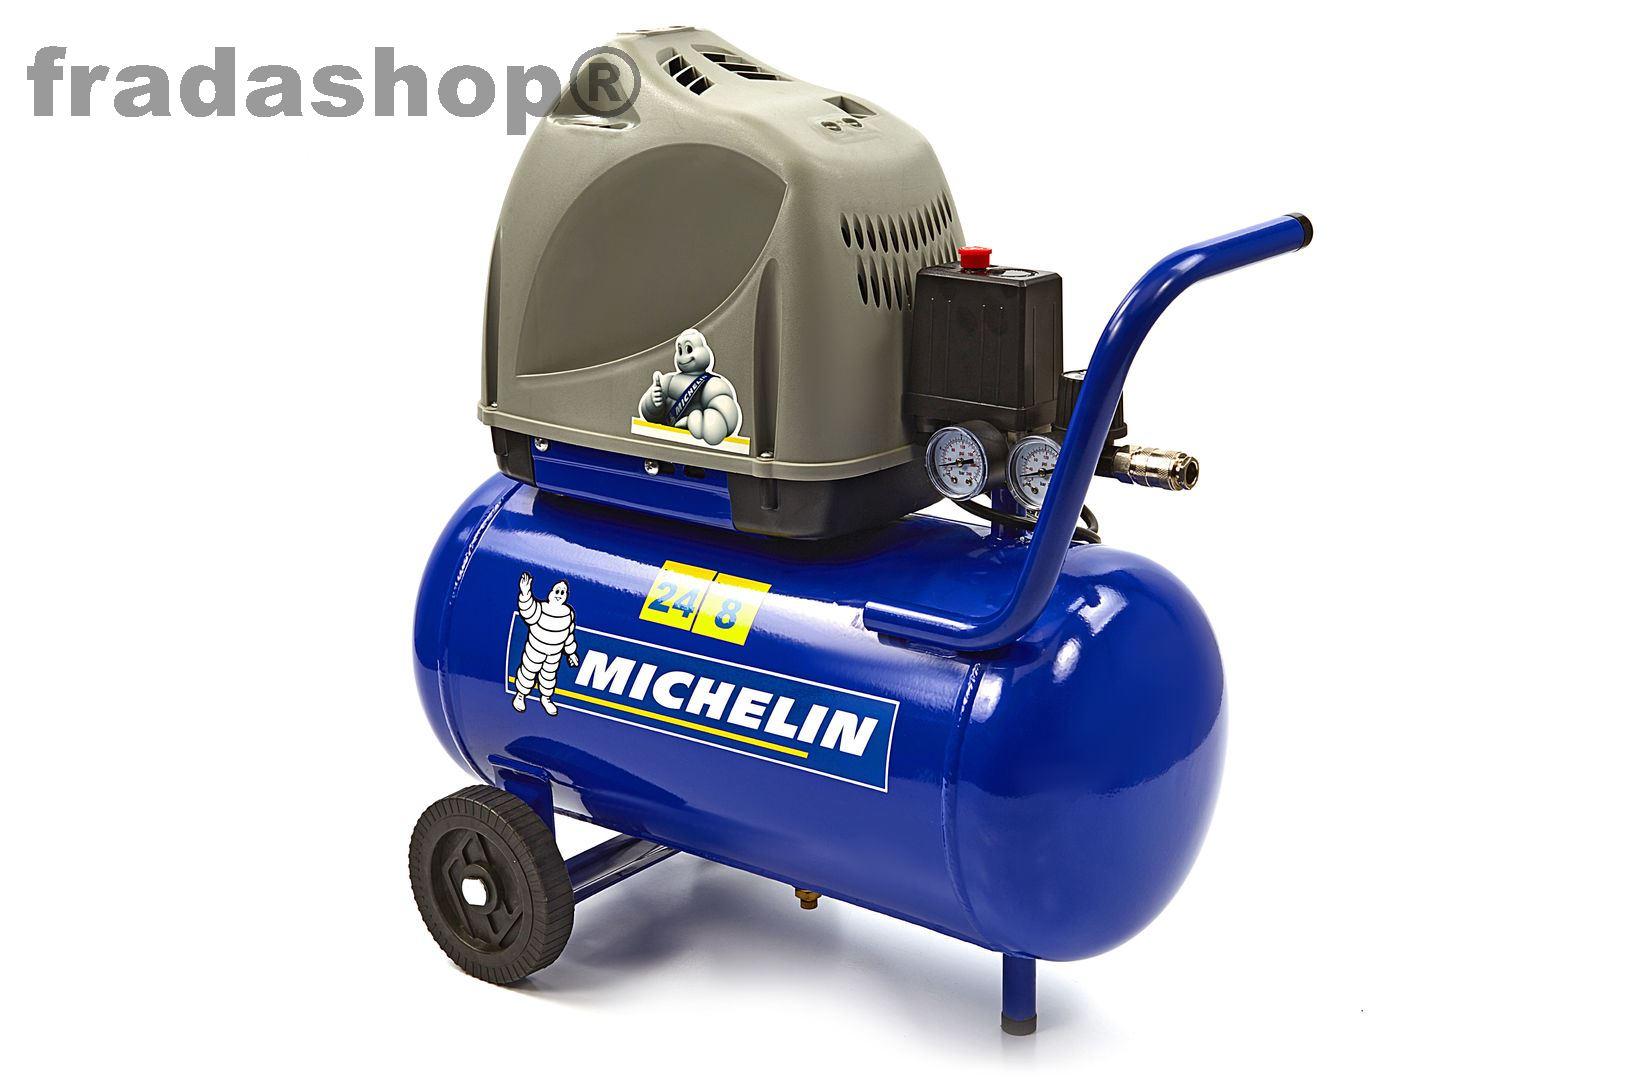 kompressor michelin 1 5 hp 24l mb 24 u angebote fradashop. Black Bedroom Furniture Sets. Home Design Ideas